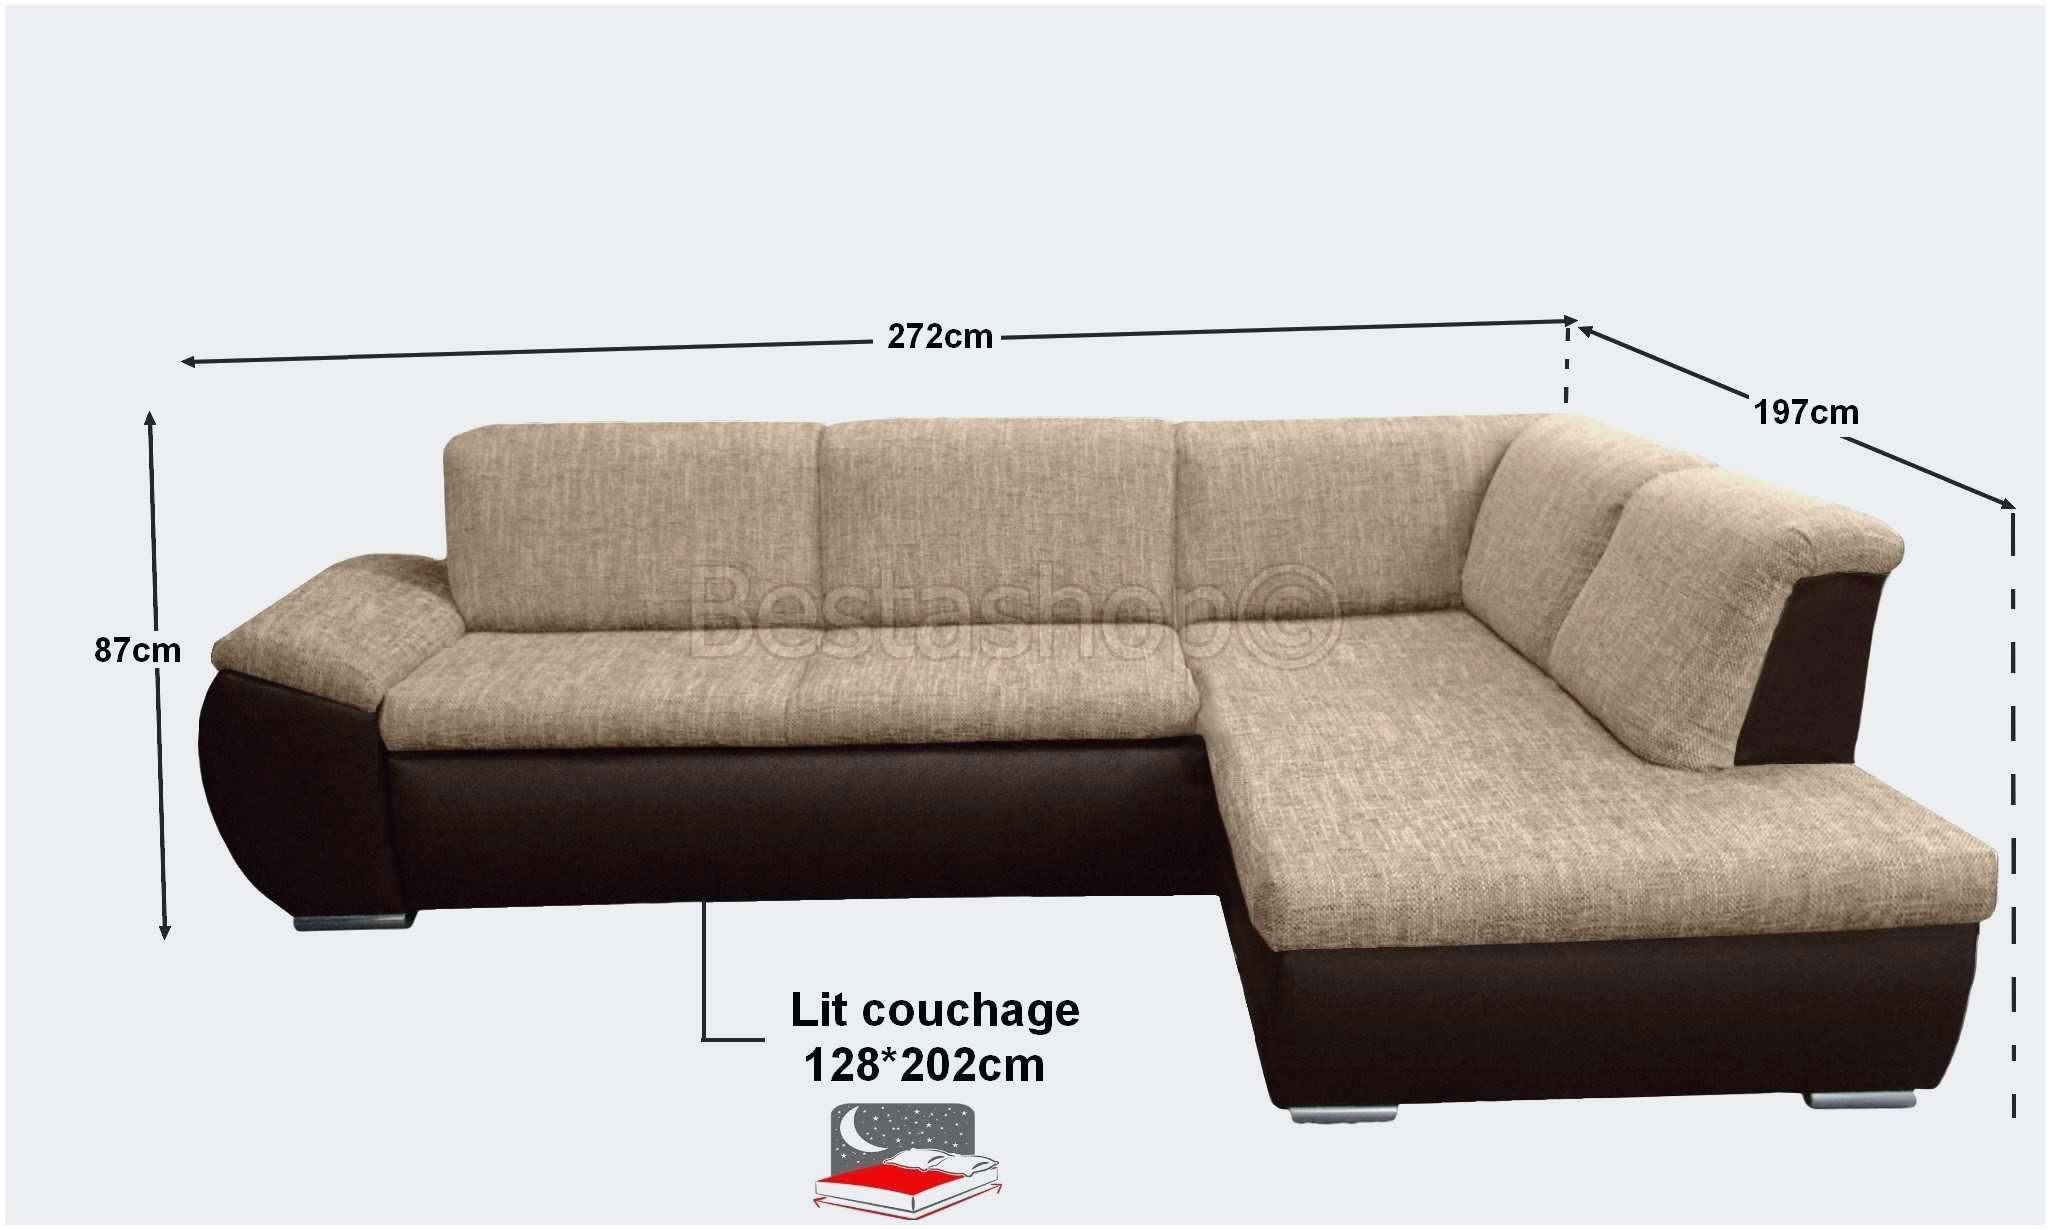 Canapé Lit soldes Inspirant Elégant Canapé Angle Habitat Luxe S Canap Simili Cuir Marron 27 C3